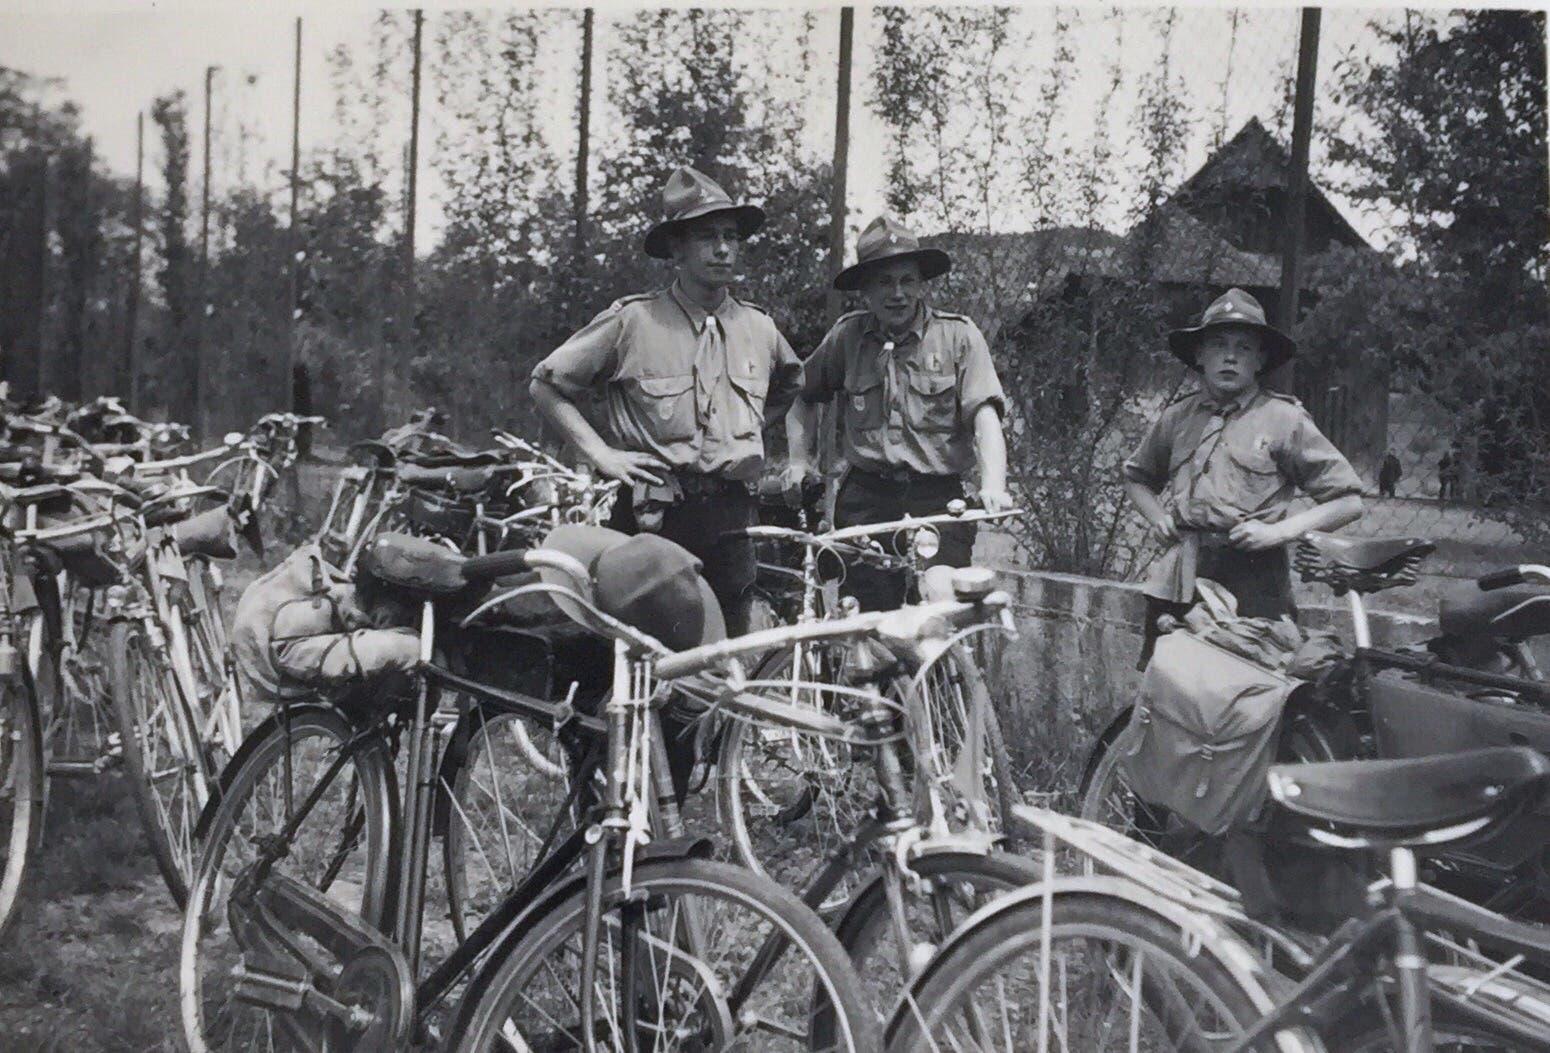 Diese Fotografie wurde anlässlich einer Radprüfung der Pfadfinder gemacht. Sie stammt auf dem Jahr 1941.